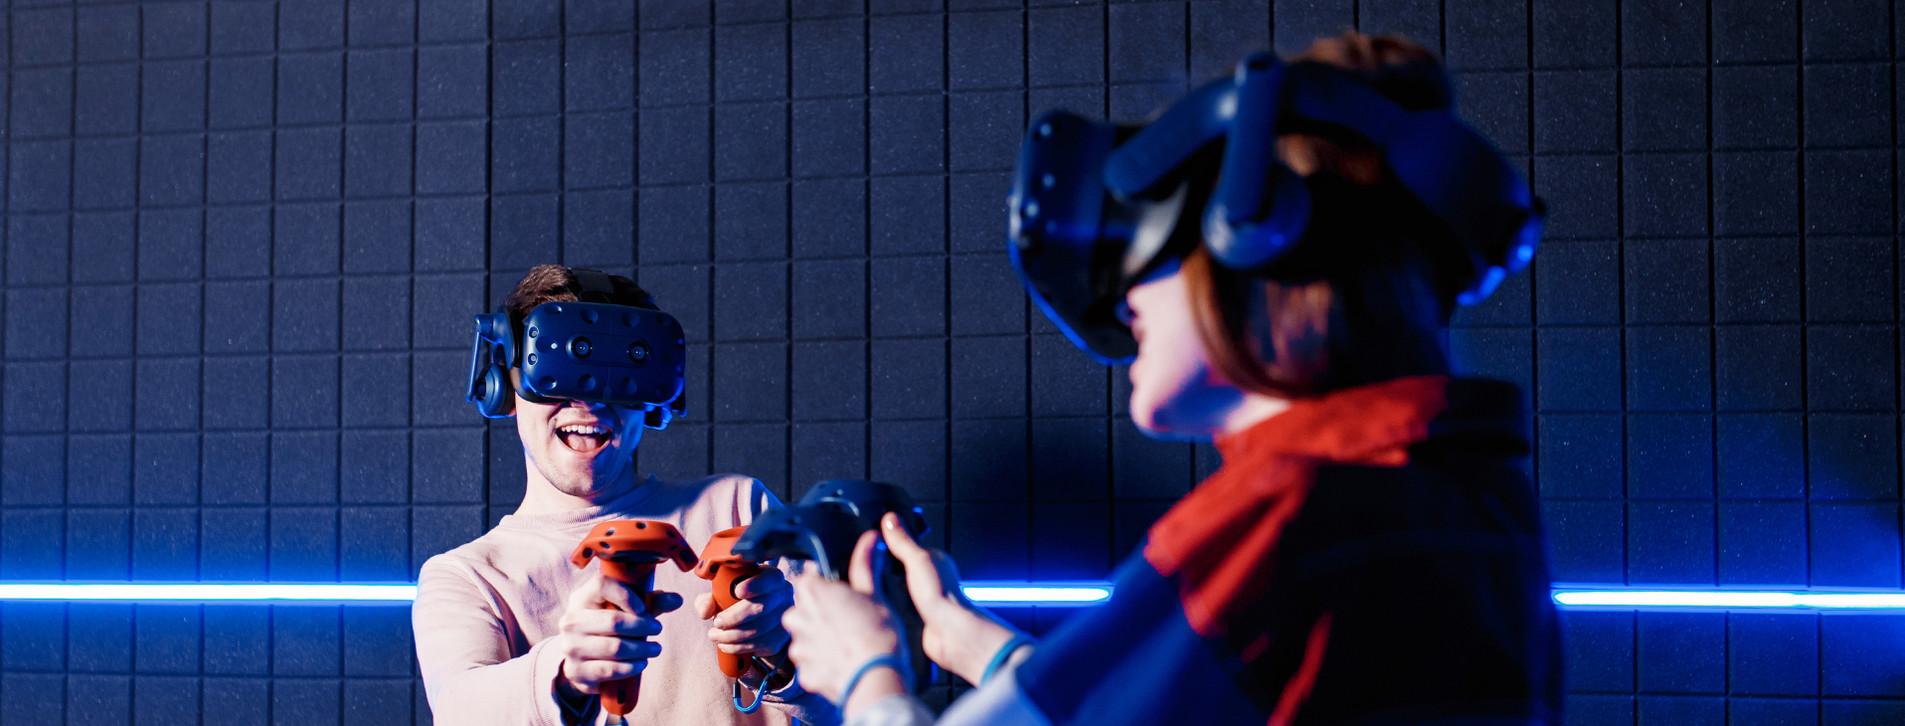 Fotoğraf 1 - İki Kişi için VR Sanal Gerçeklik Oyunu